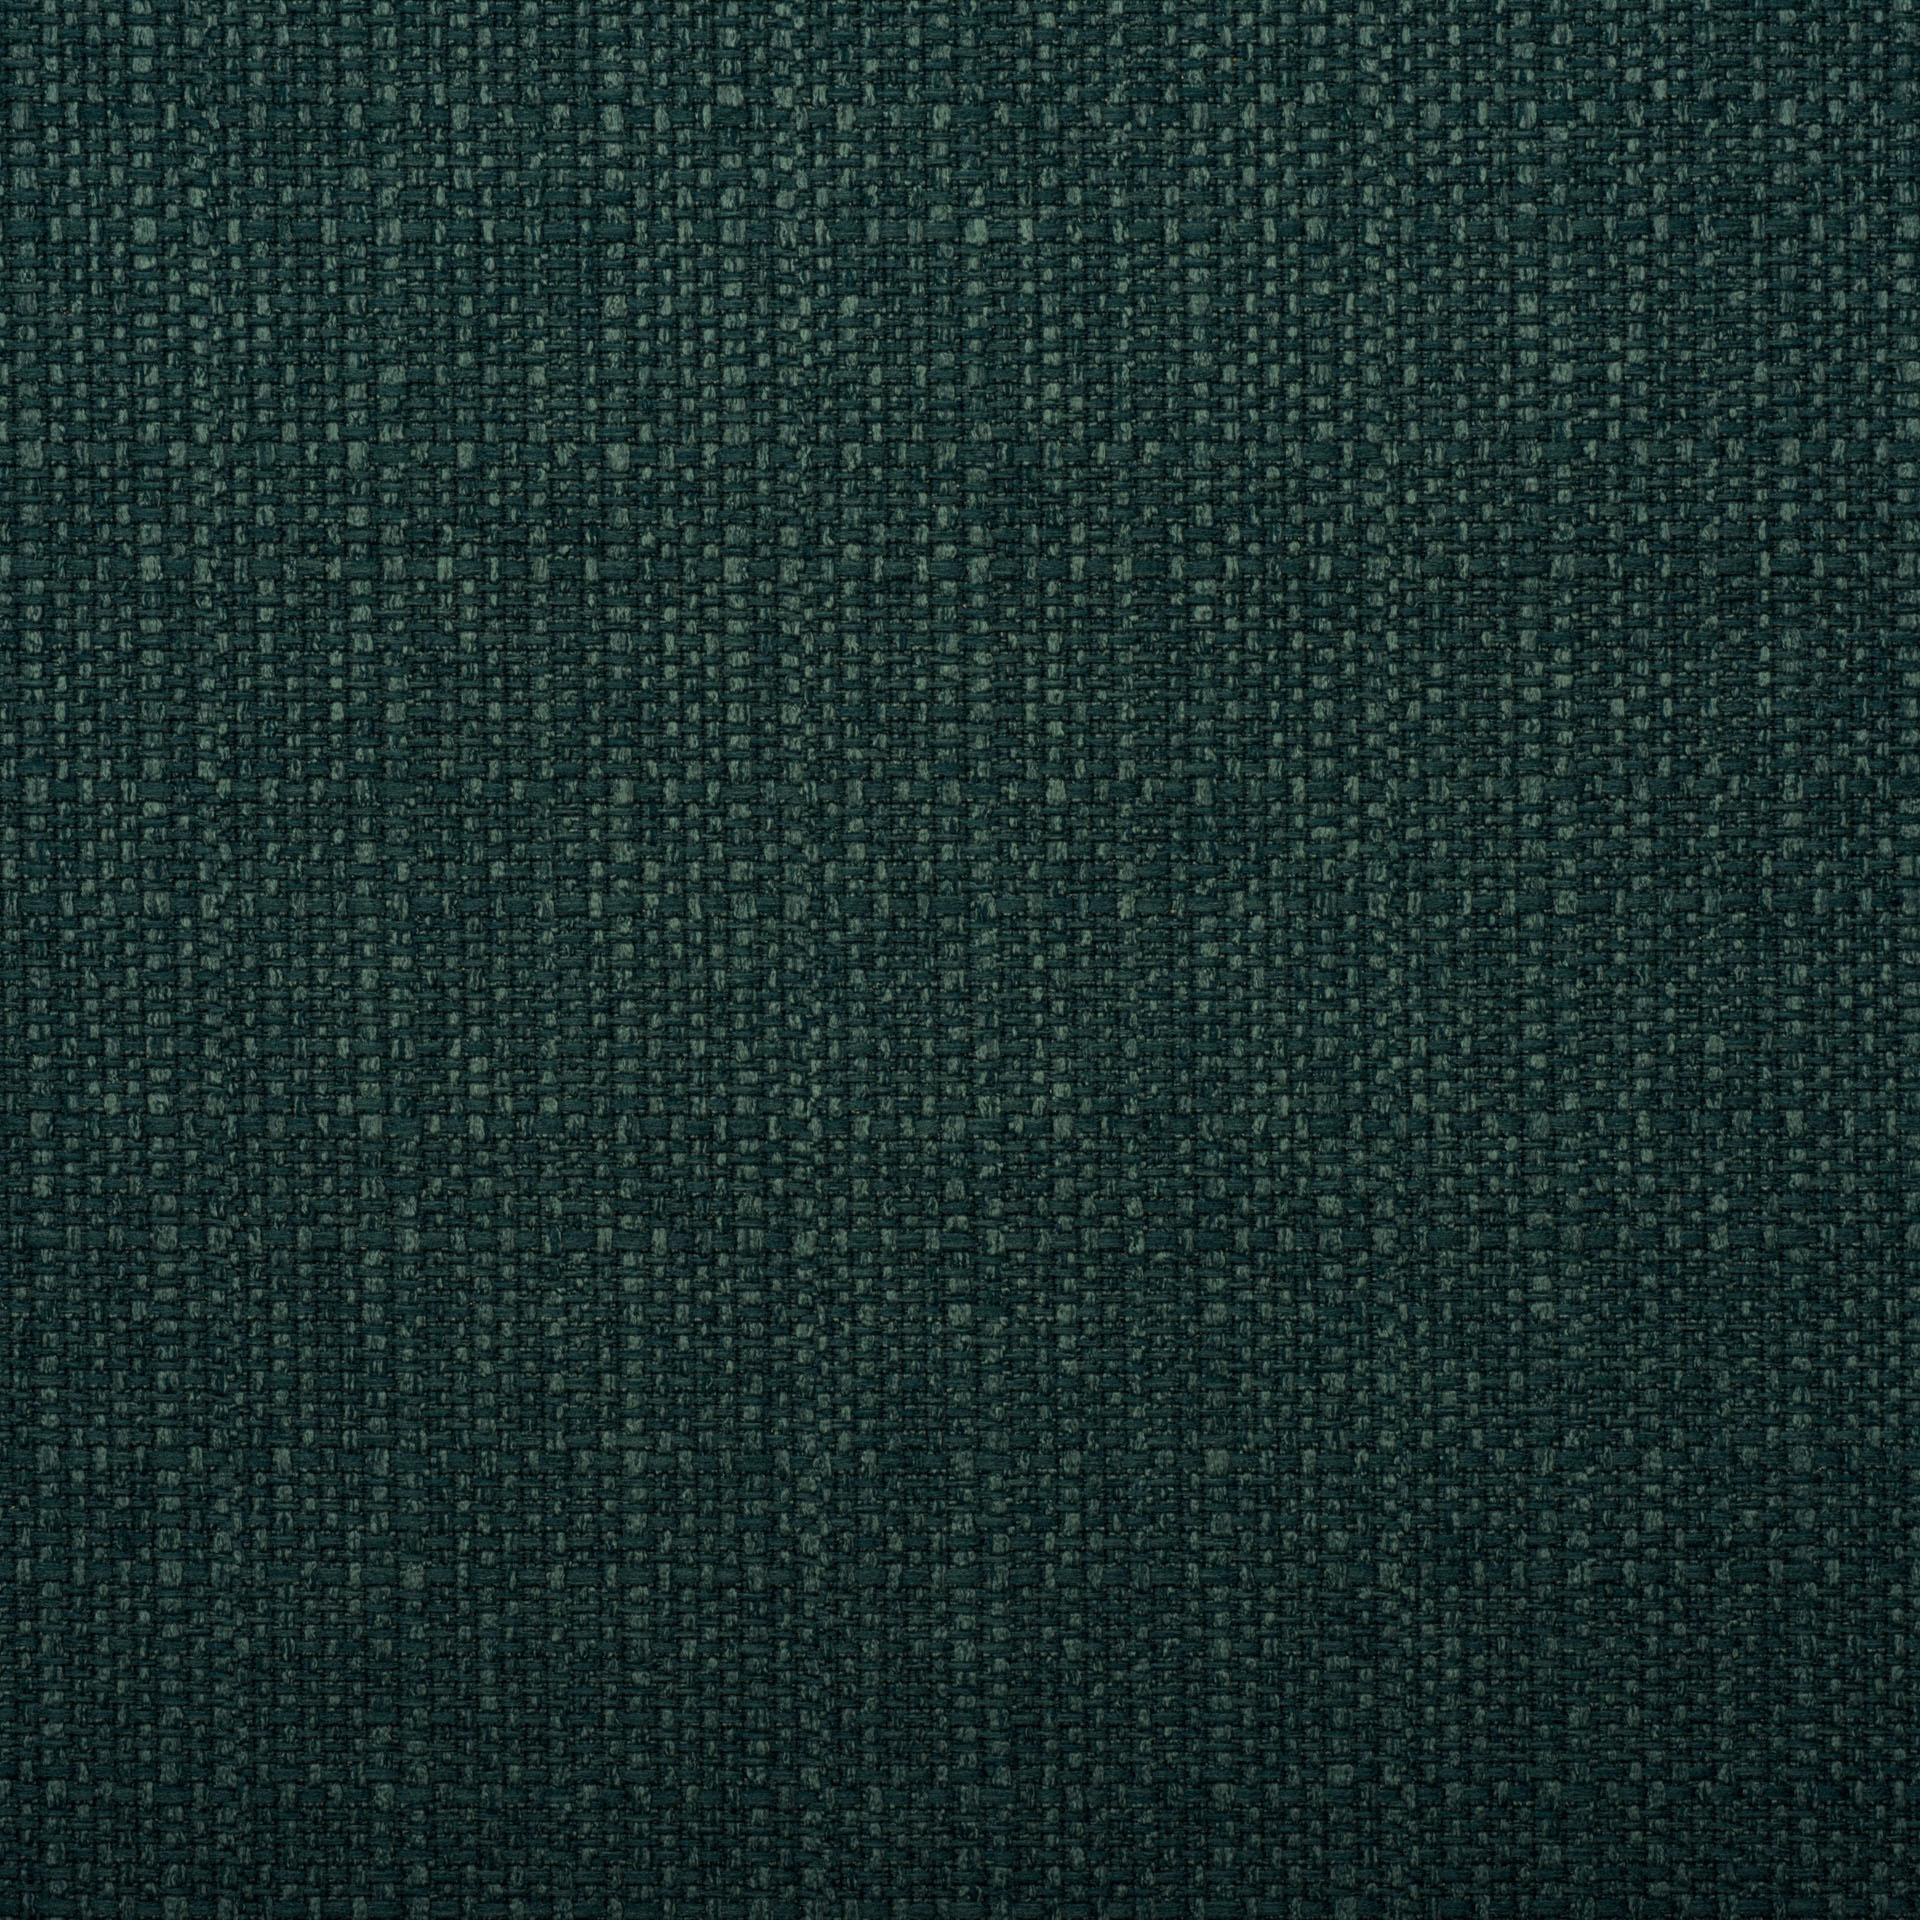 Коллекция ткани Портленд TURQUOISE (PETROL) 85,  купить ткань Рогожка для мебели Украина